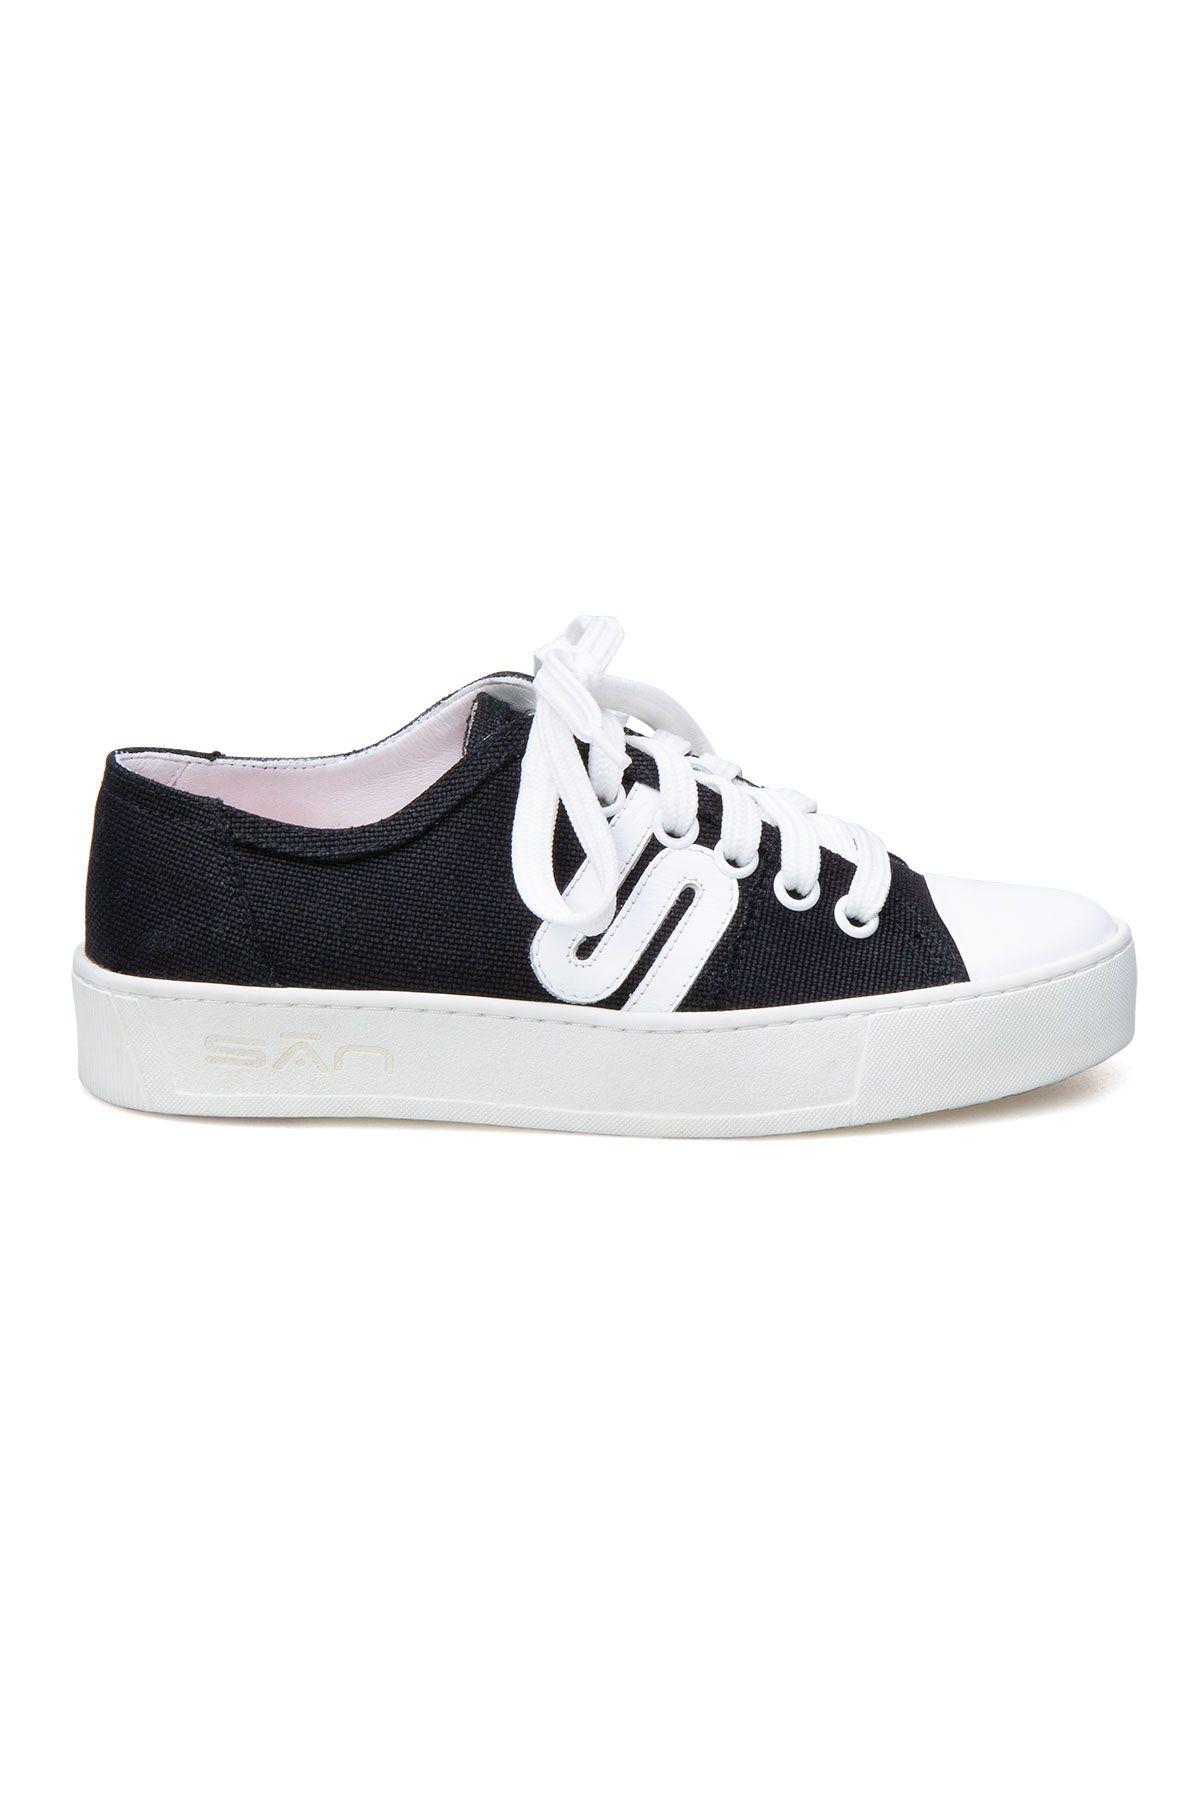 San Women's Sneaker SAN02S Black